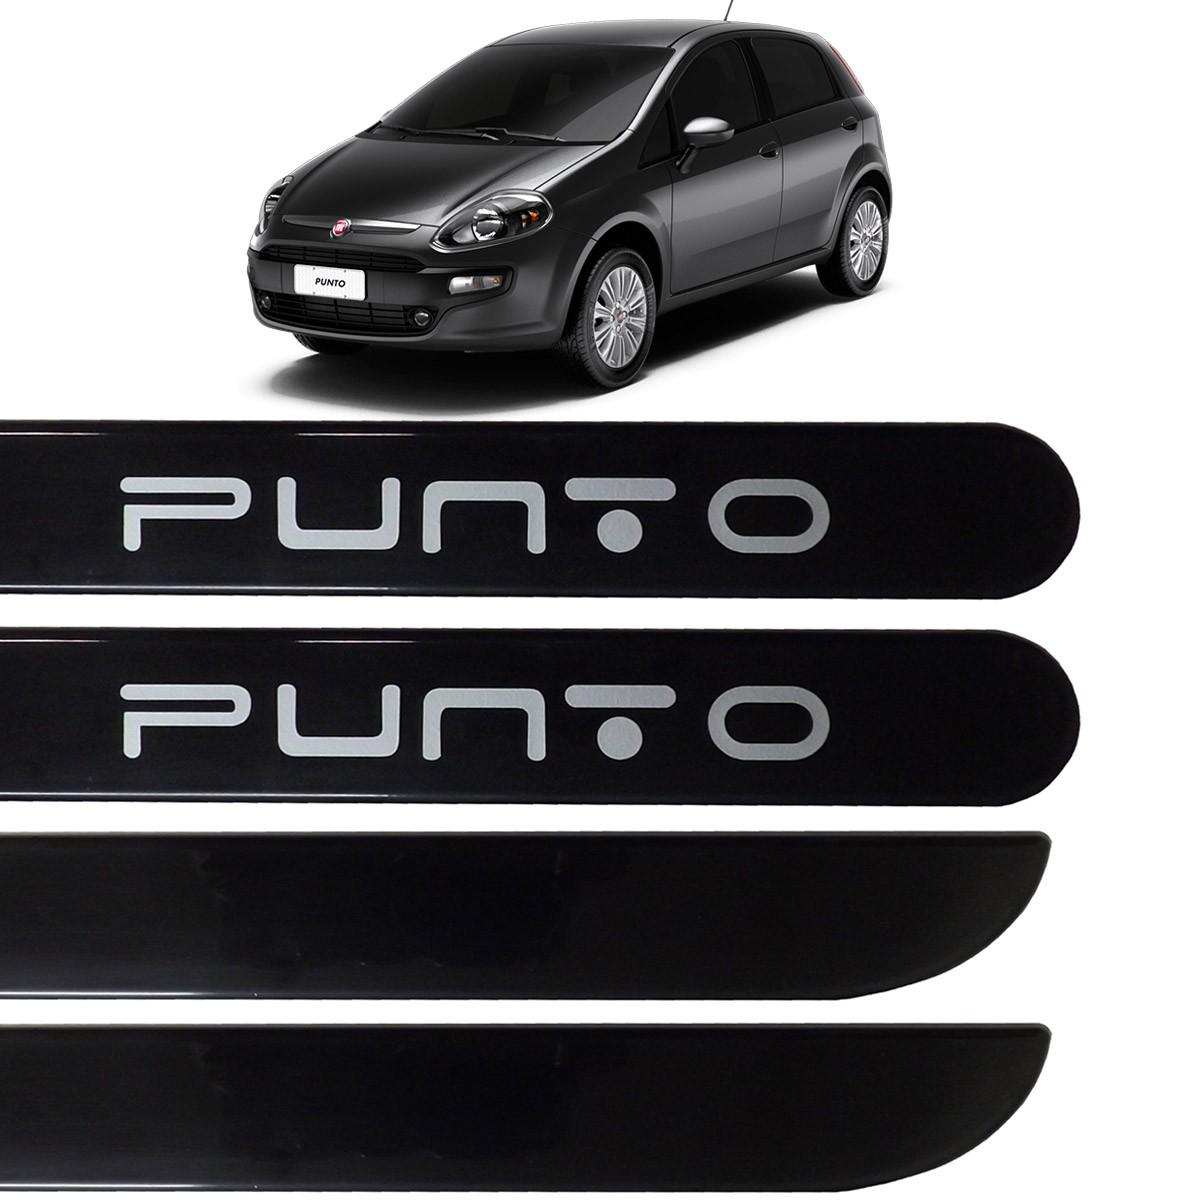 Jogo Friso Lateral Fiat Punto 2013 2014 2015 Preto Vulcano